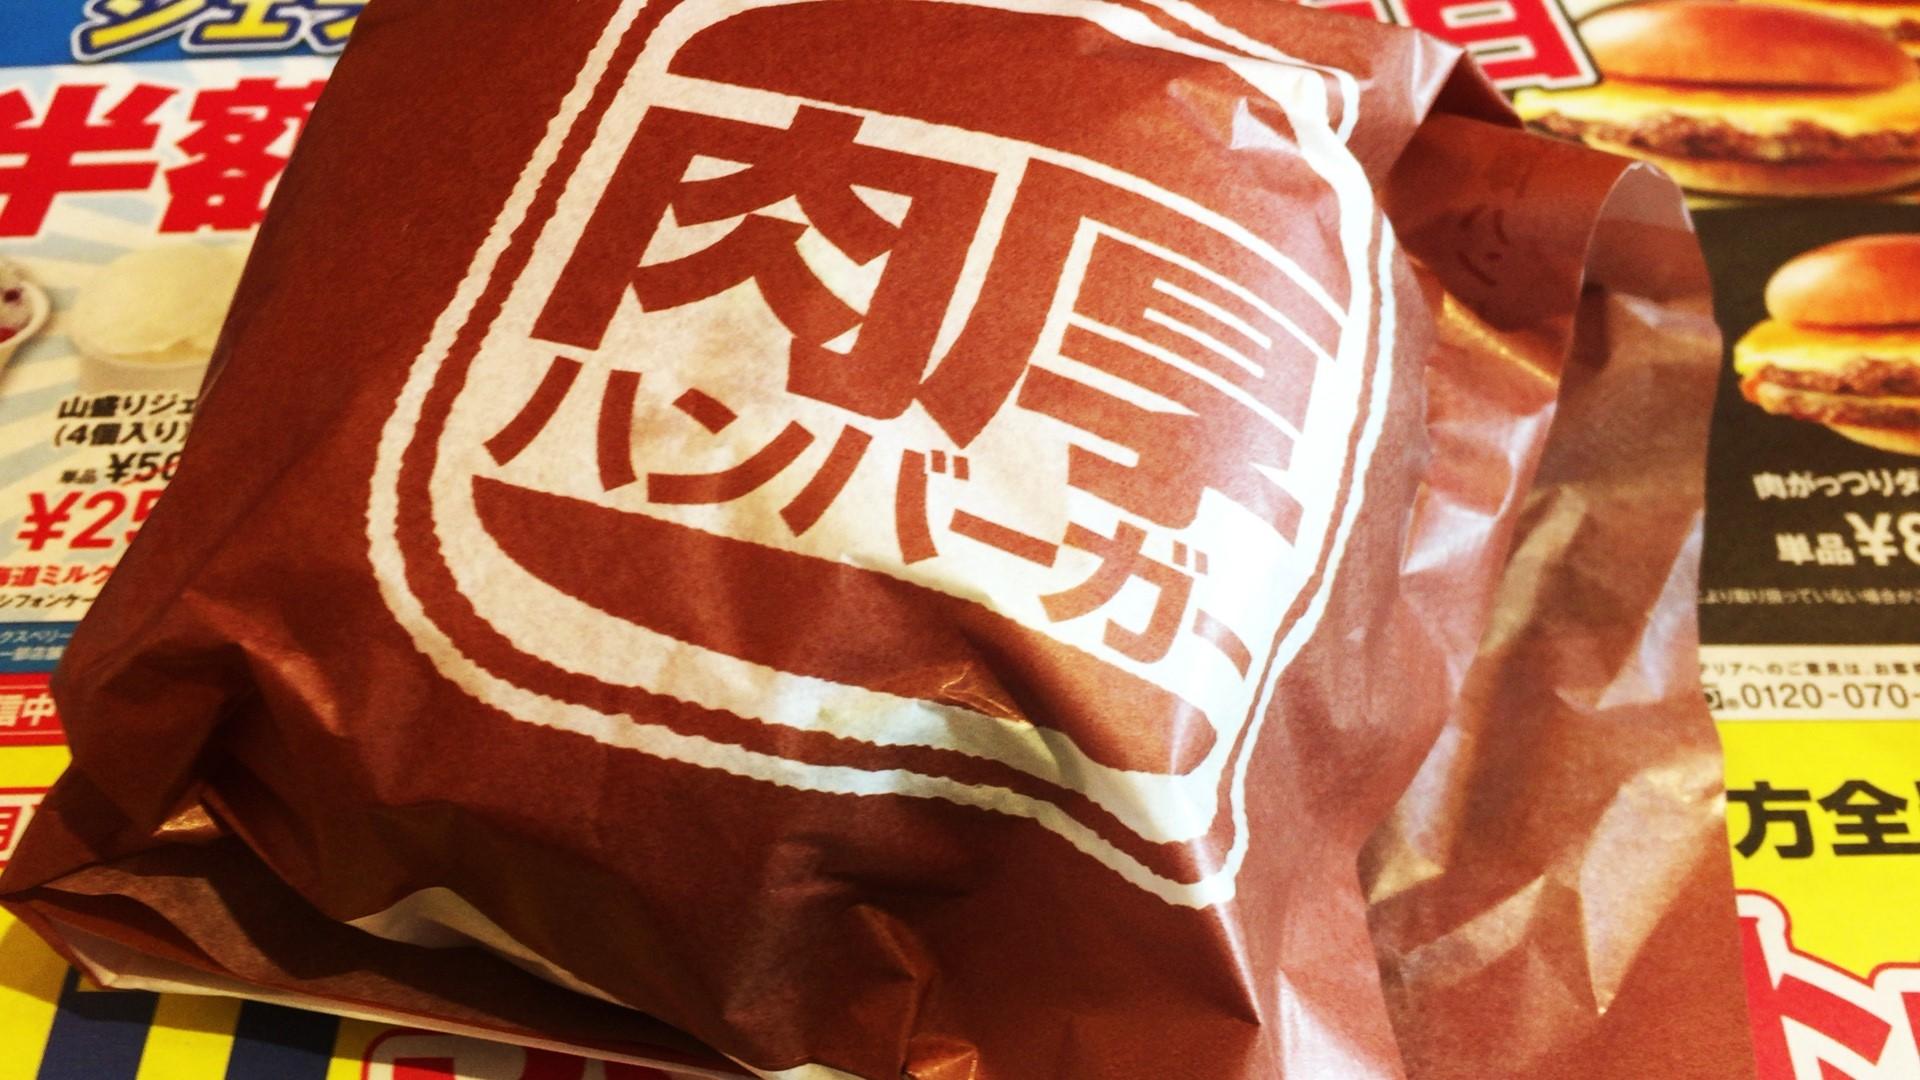 肉厚ハンバーガーを食べてみた【感想・口コミは?】